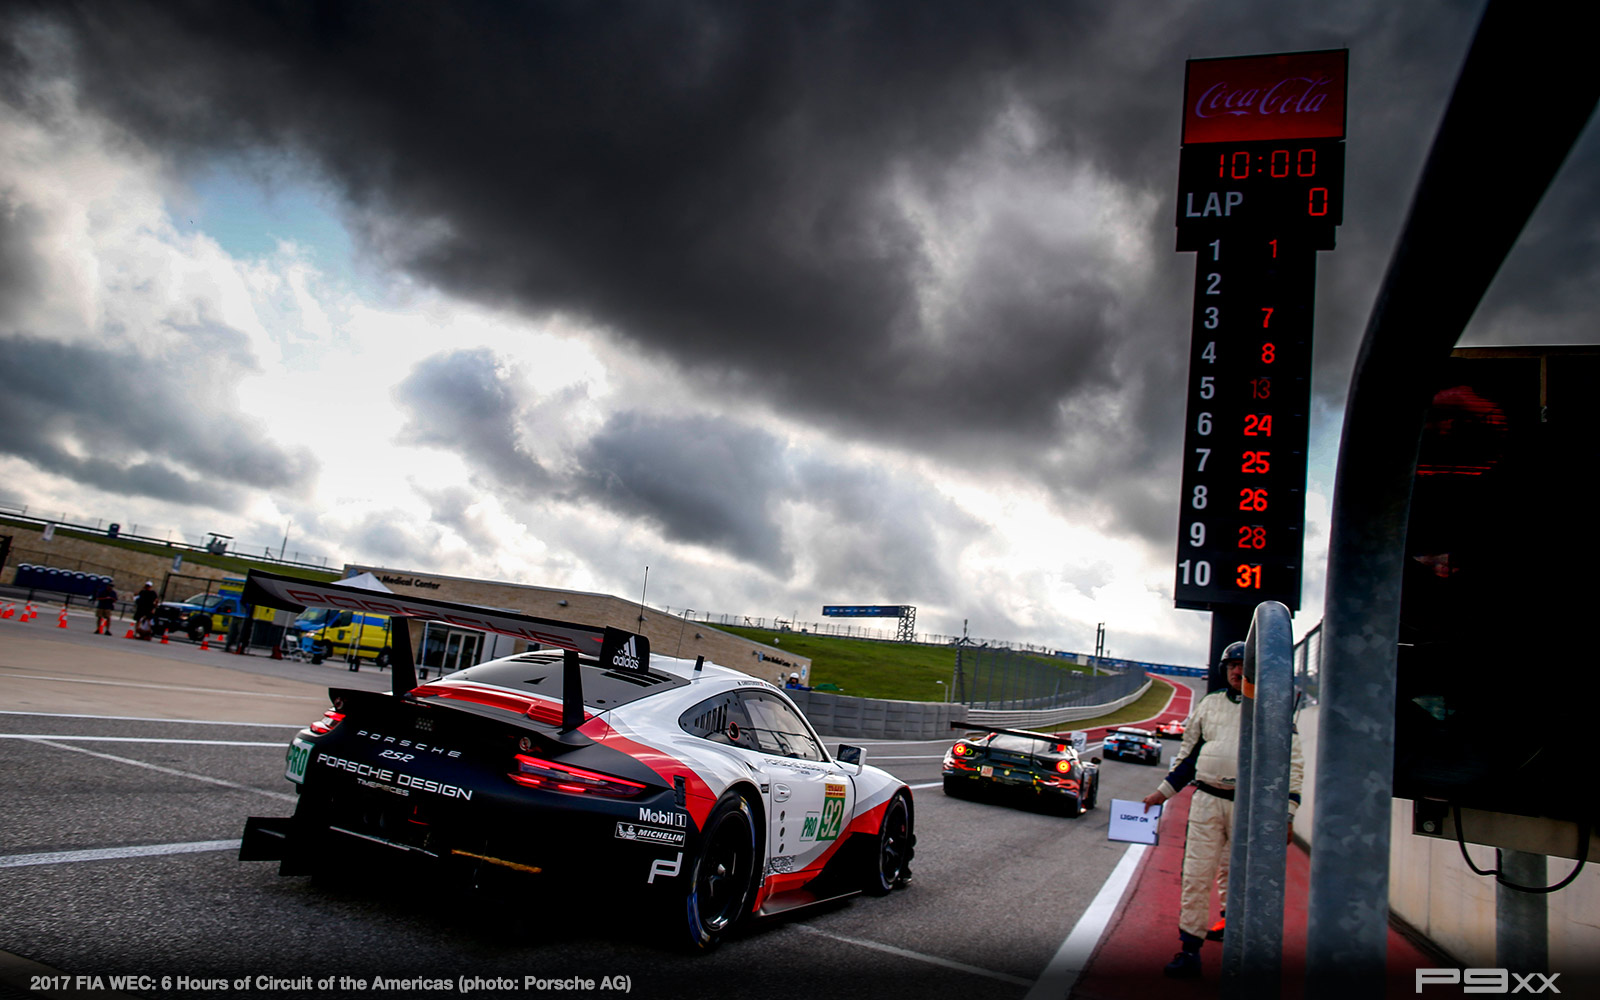 2017-FIA-WEC-6-HOURS-OF-COTA-PORSCHE-378